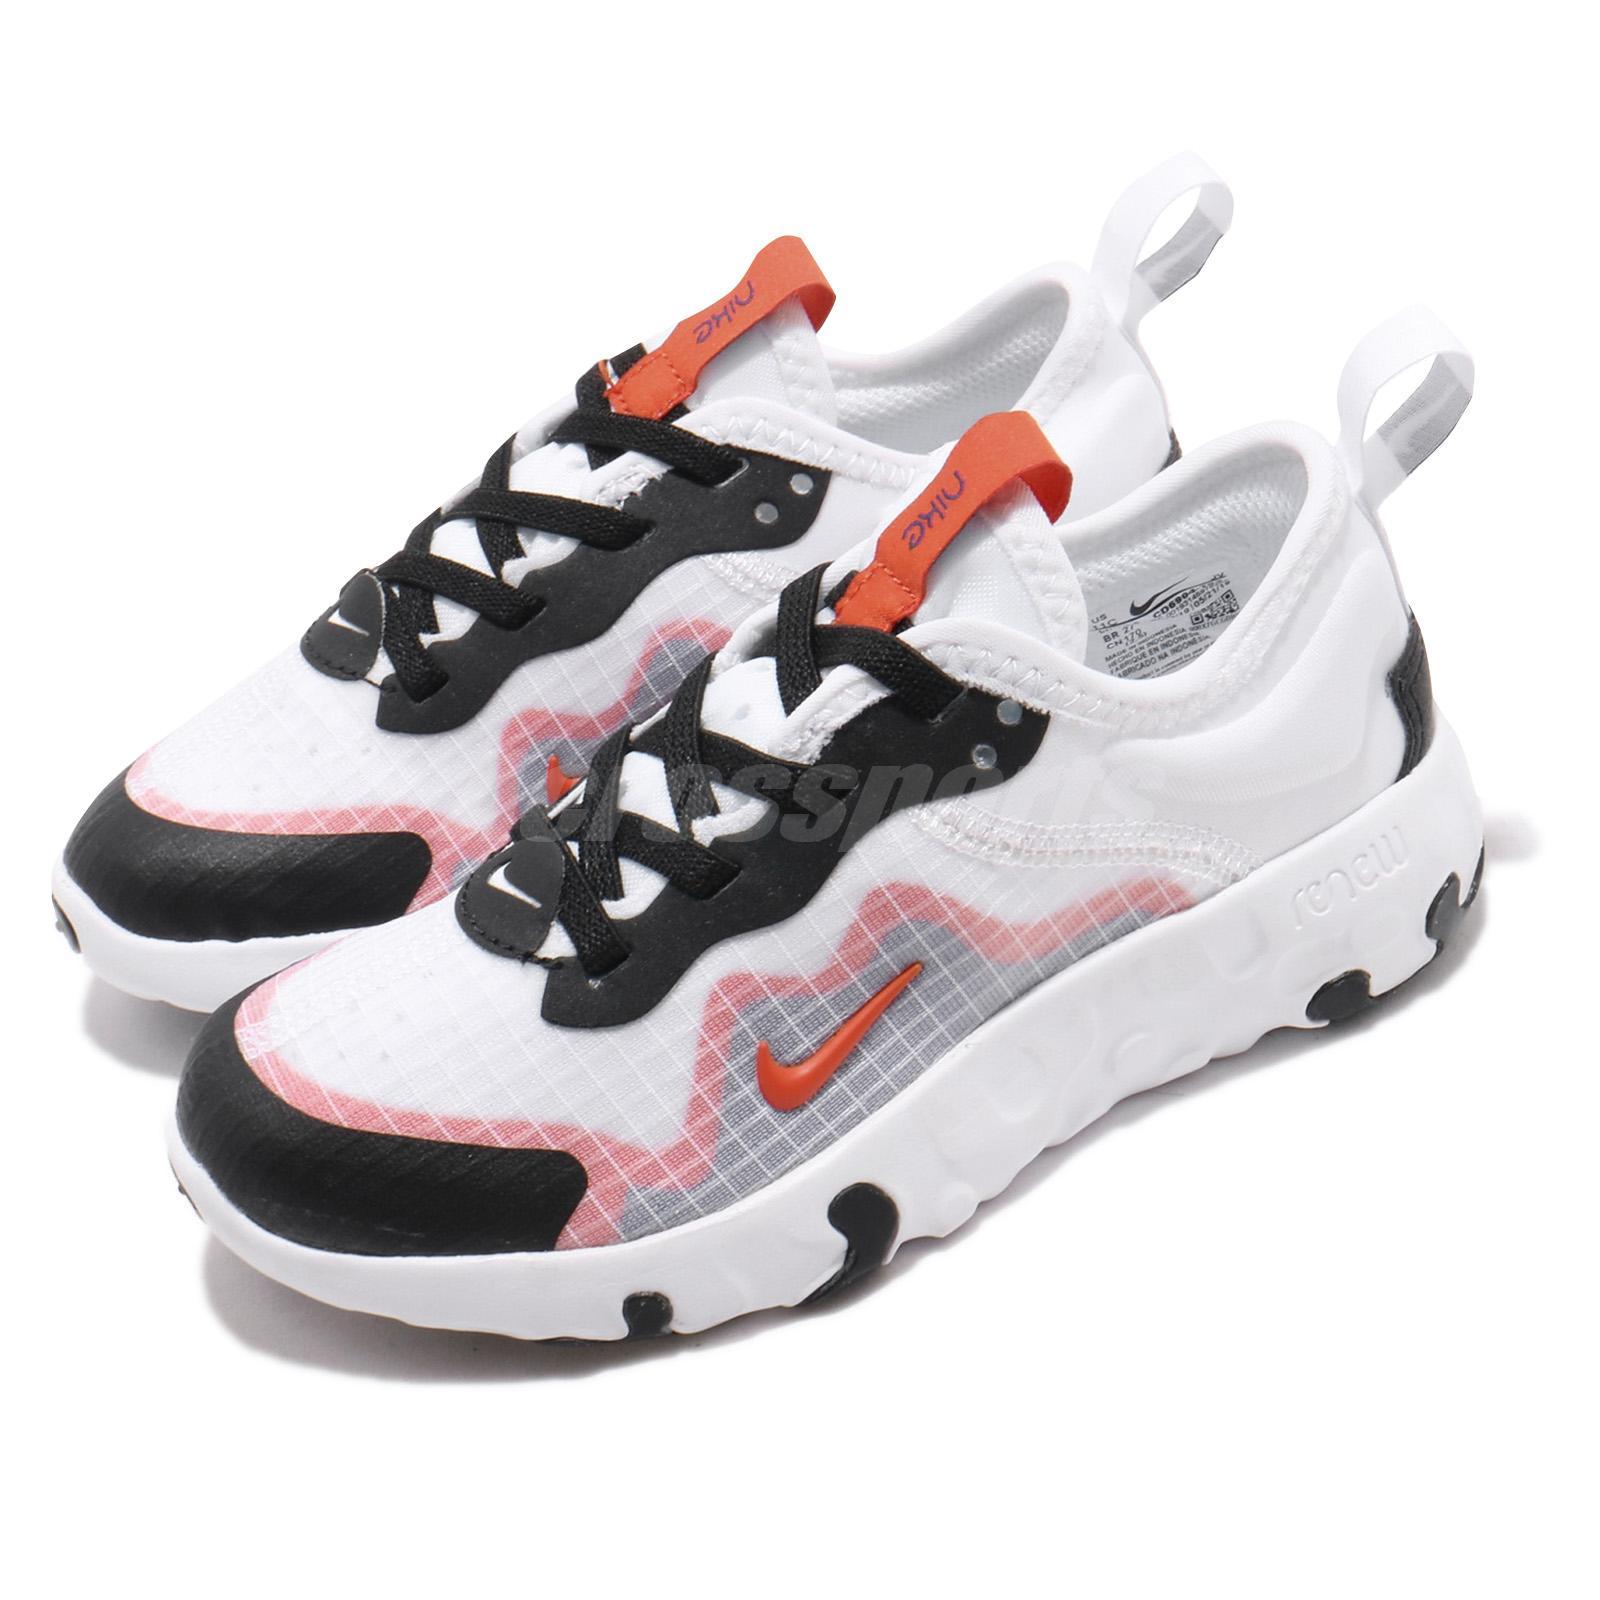 mizuno tennis shoes size chart eu nike